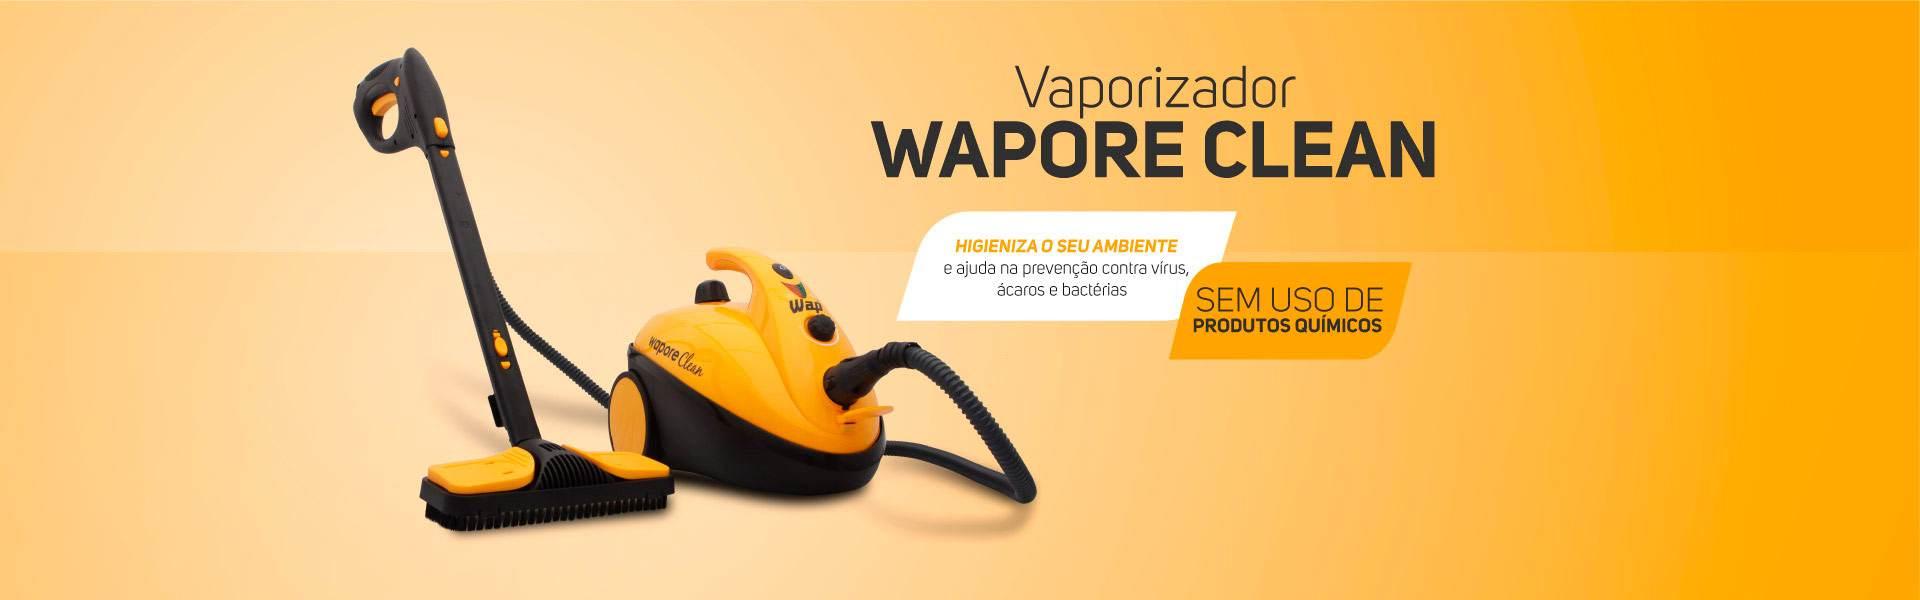 Wapore Clean WAP Vapor eliminar vírus